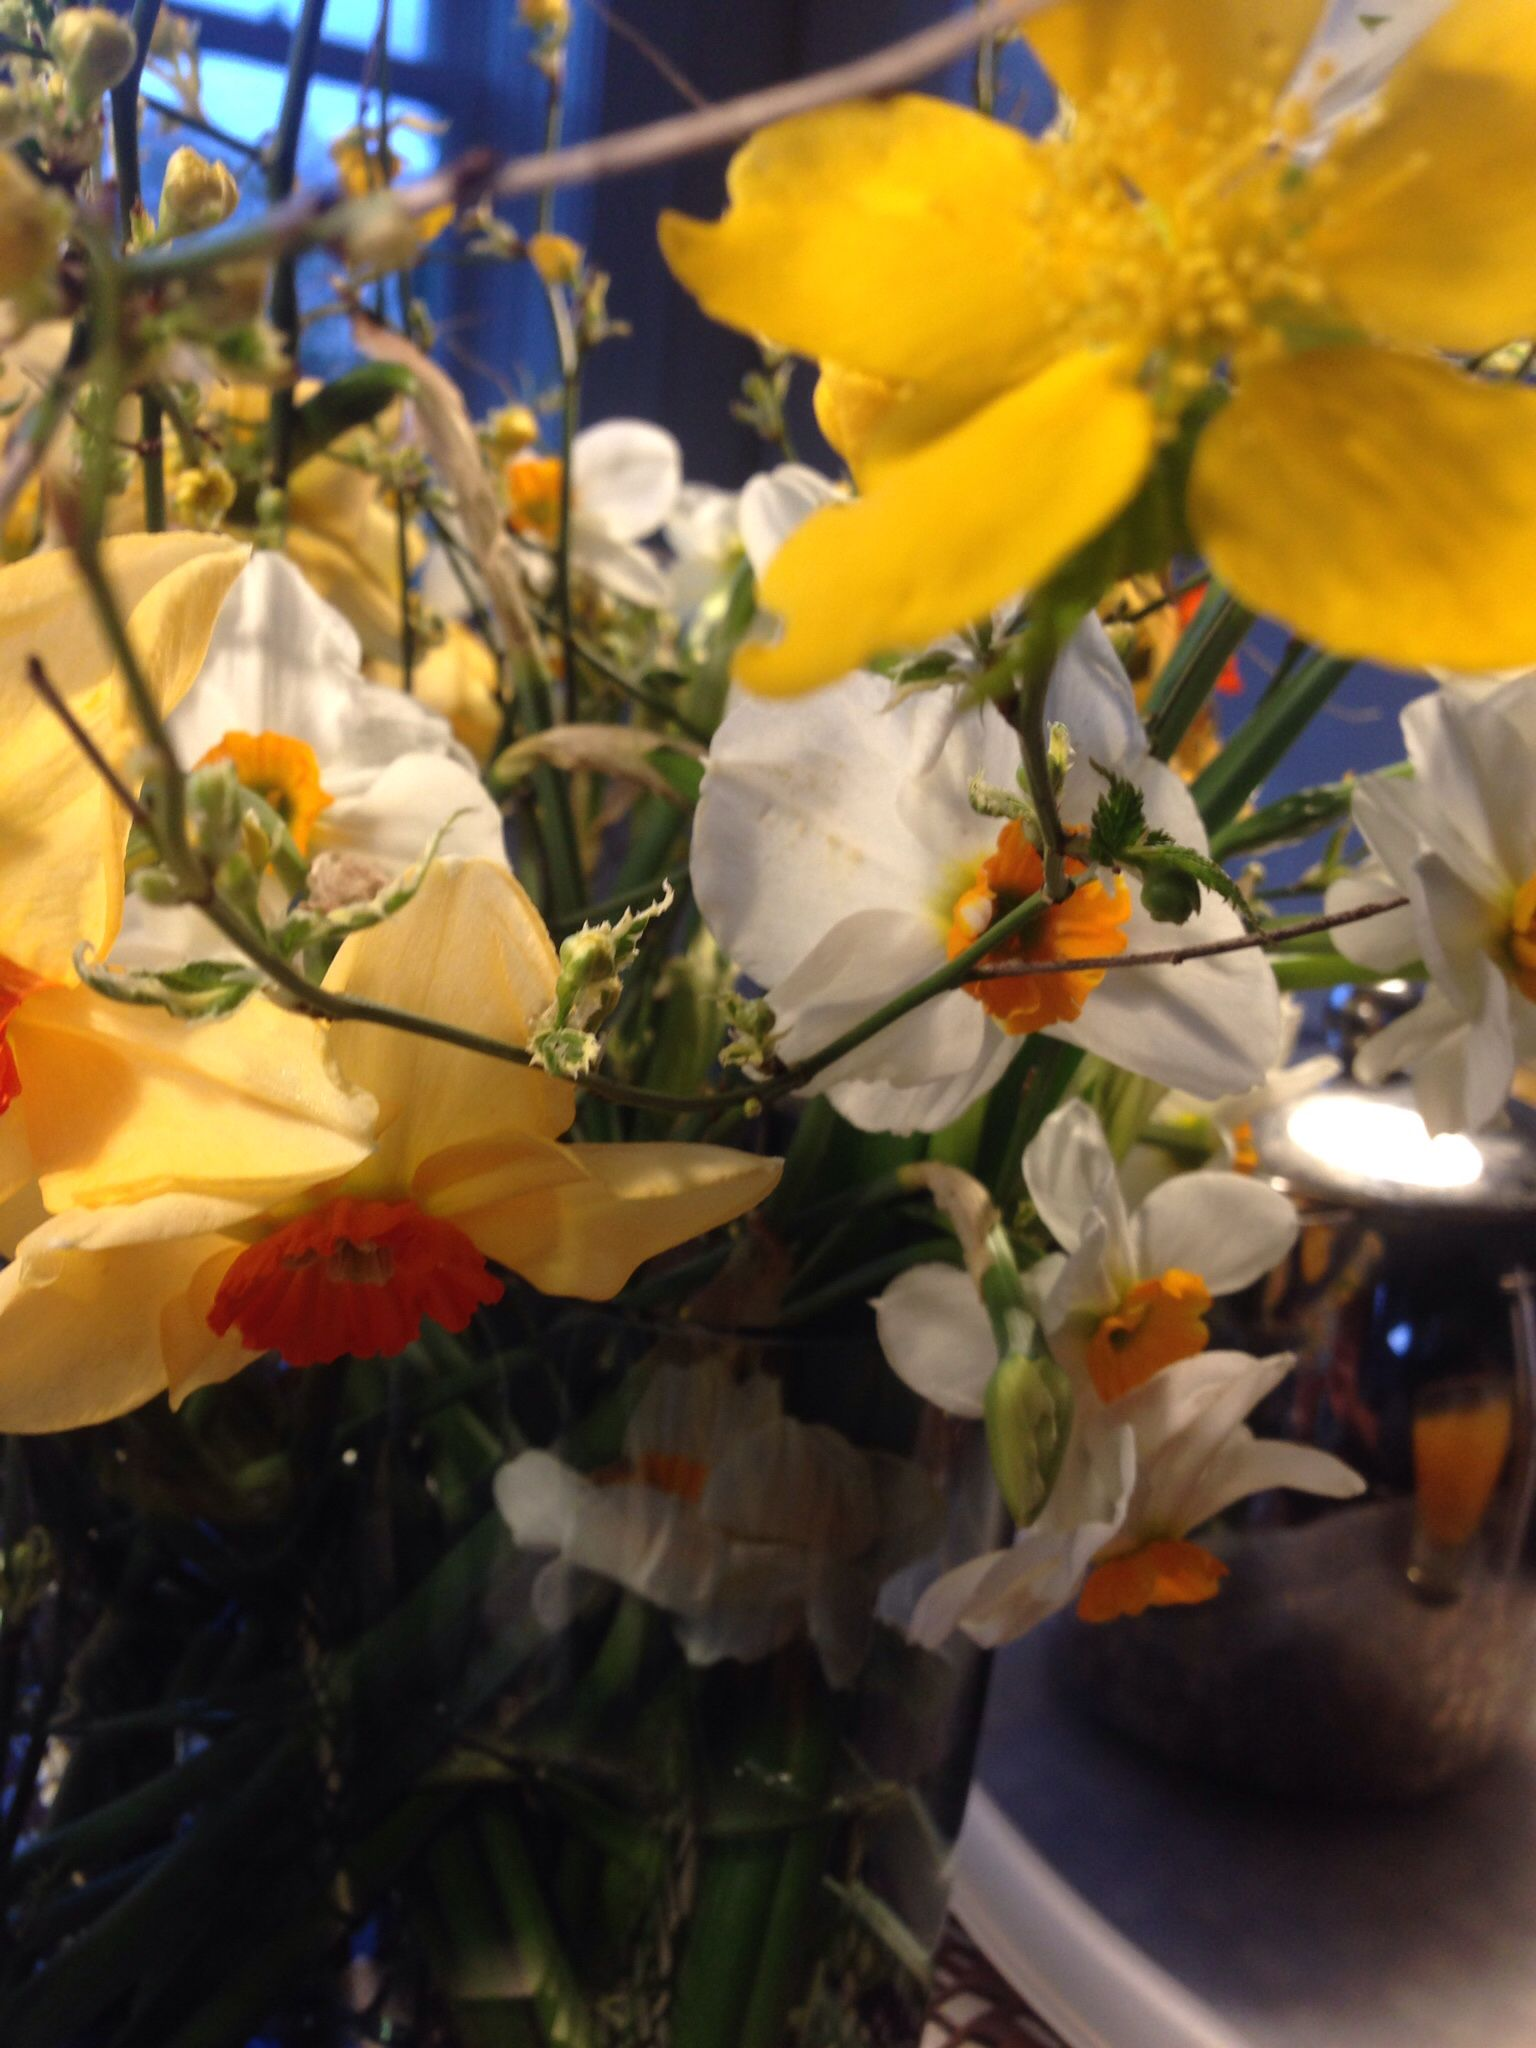 Bulb to flowers grown at DIG Nursery. Growing flowers